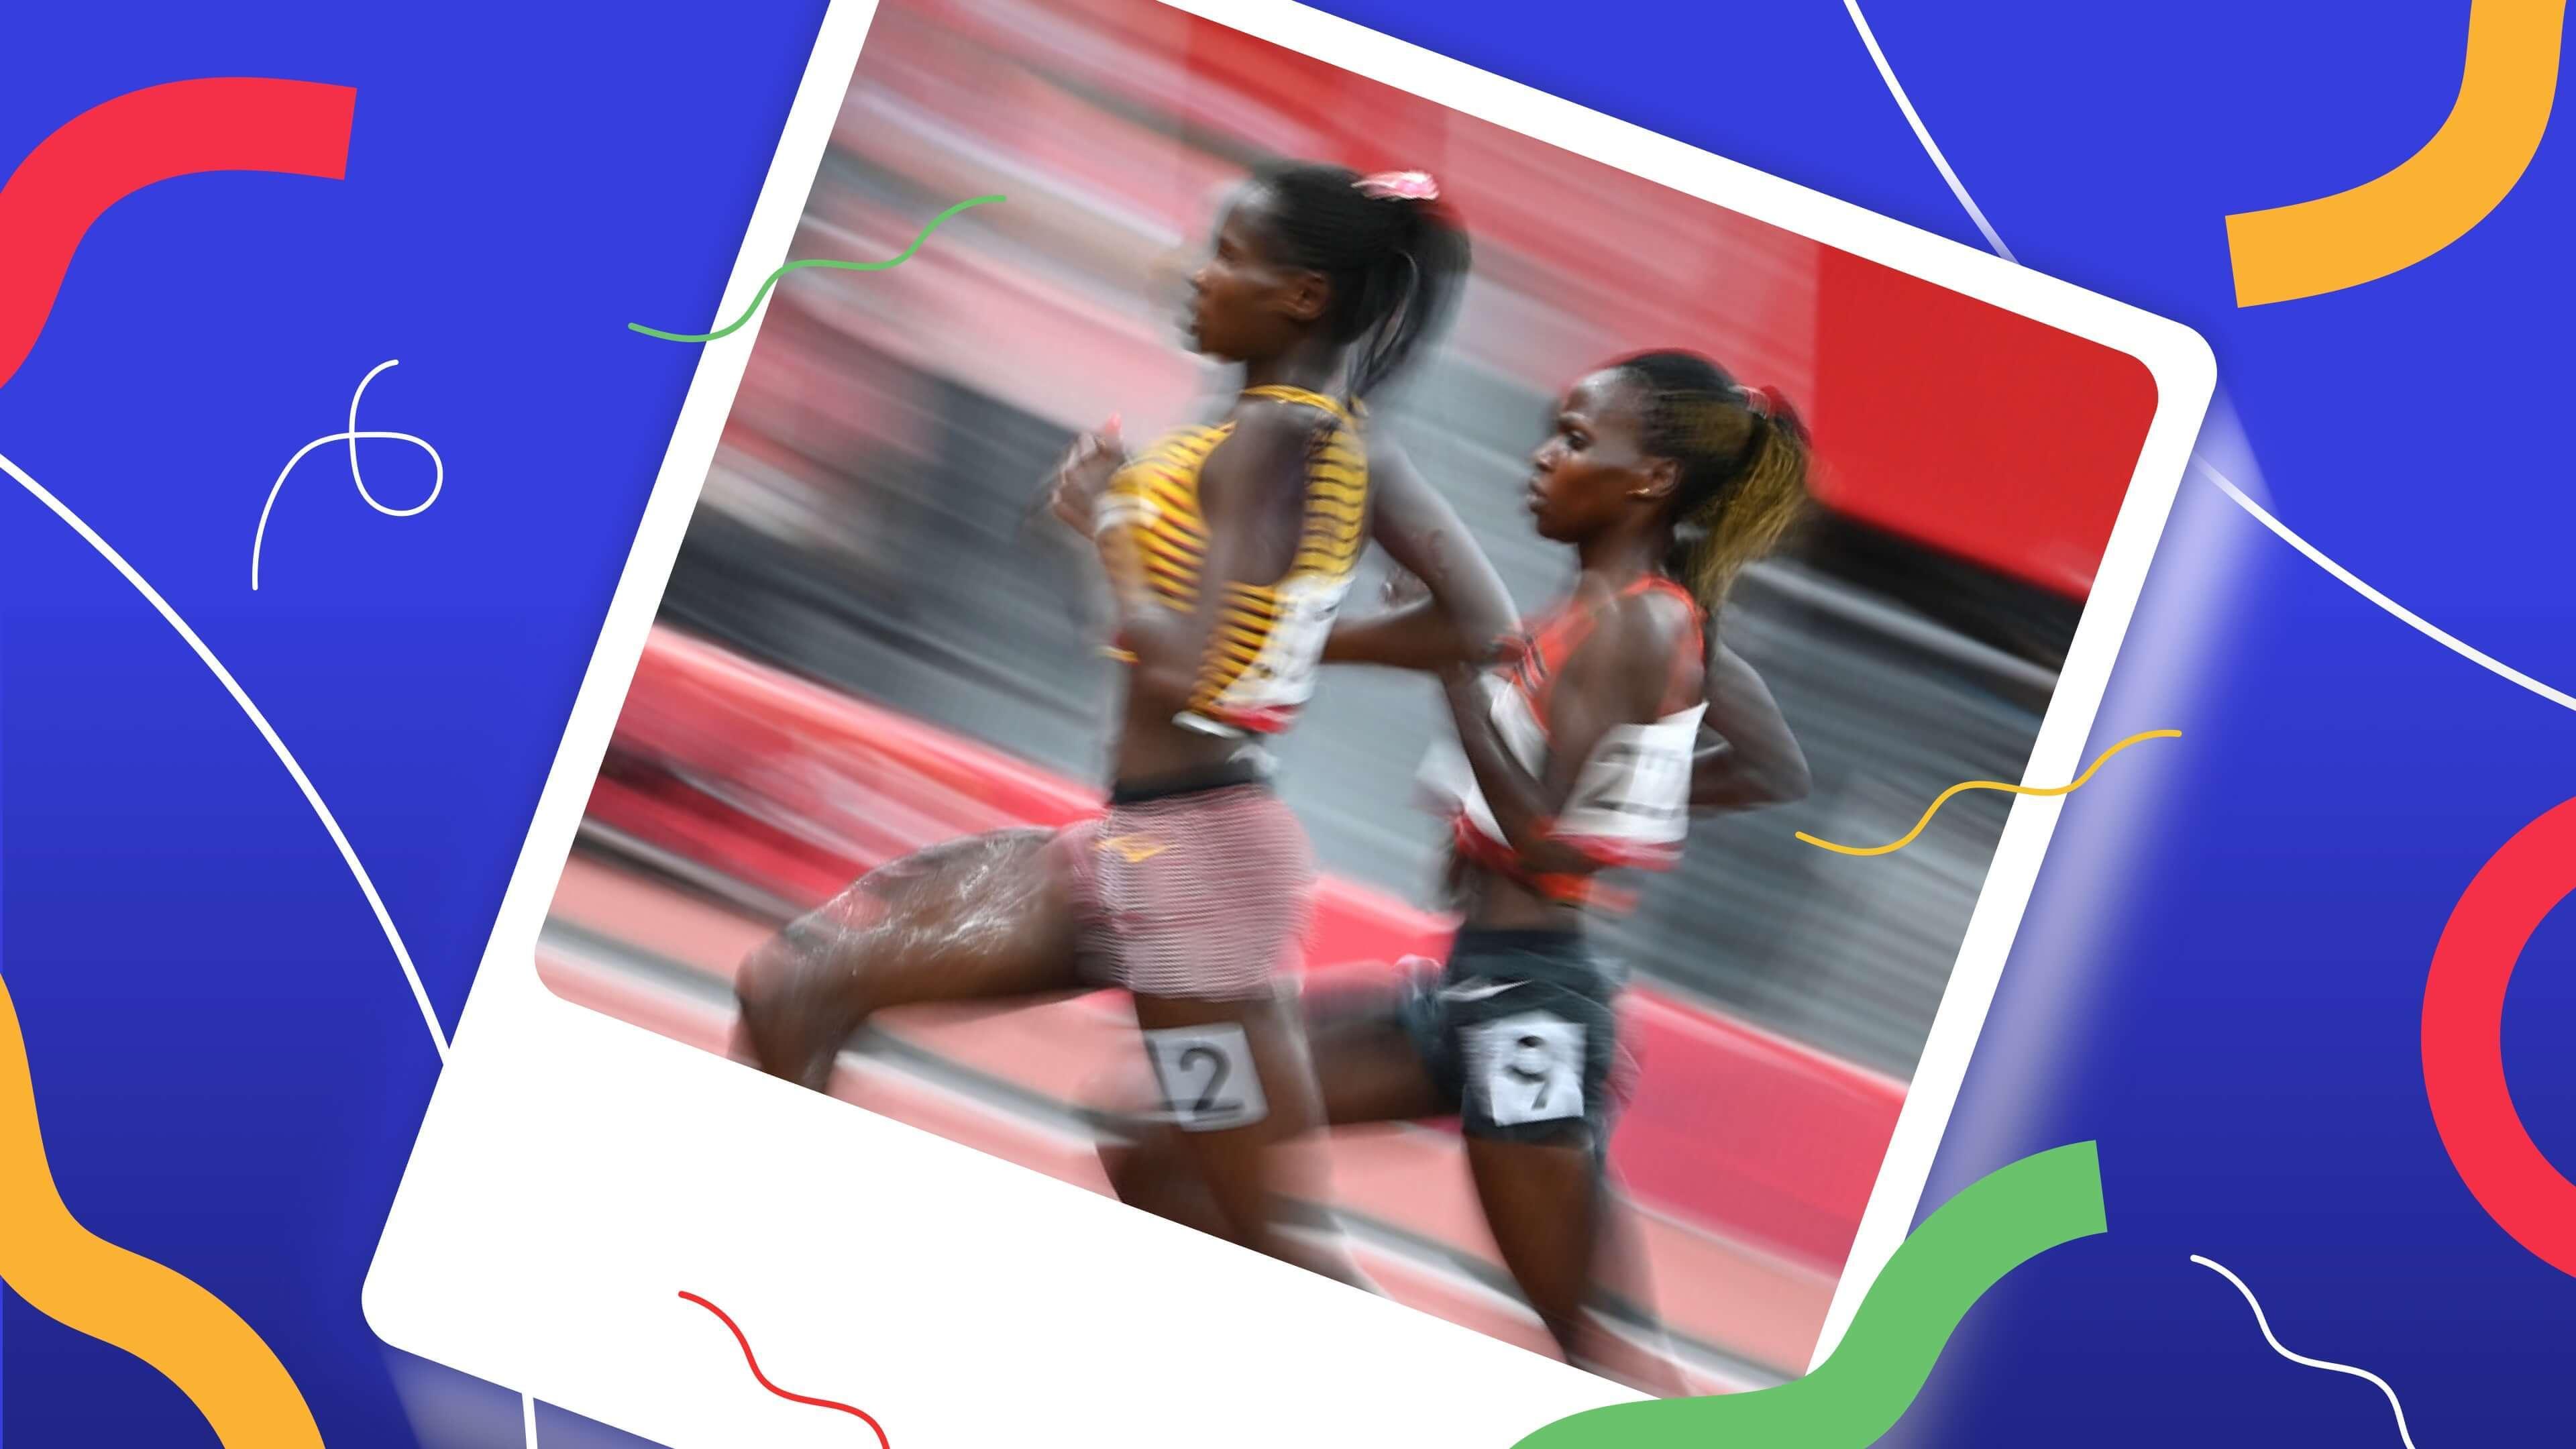 La mejor fotografía del día 12 de los Juegos Olímpicos